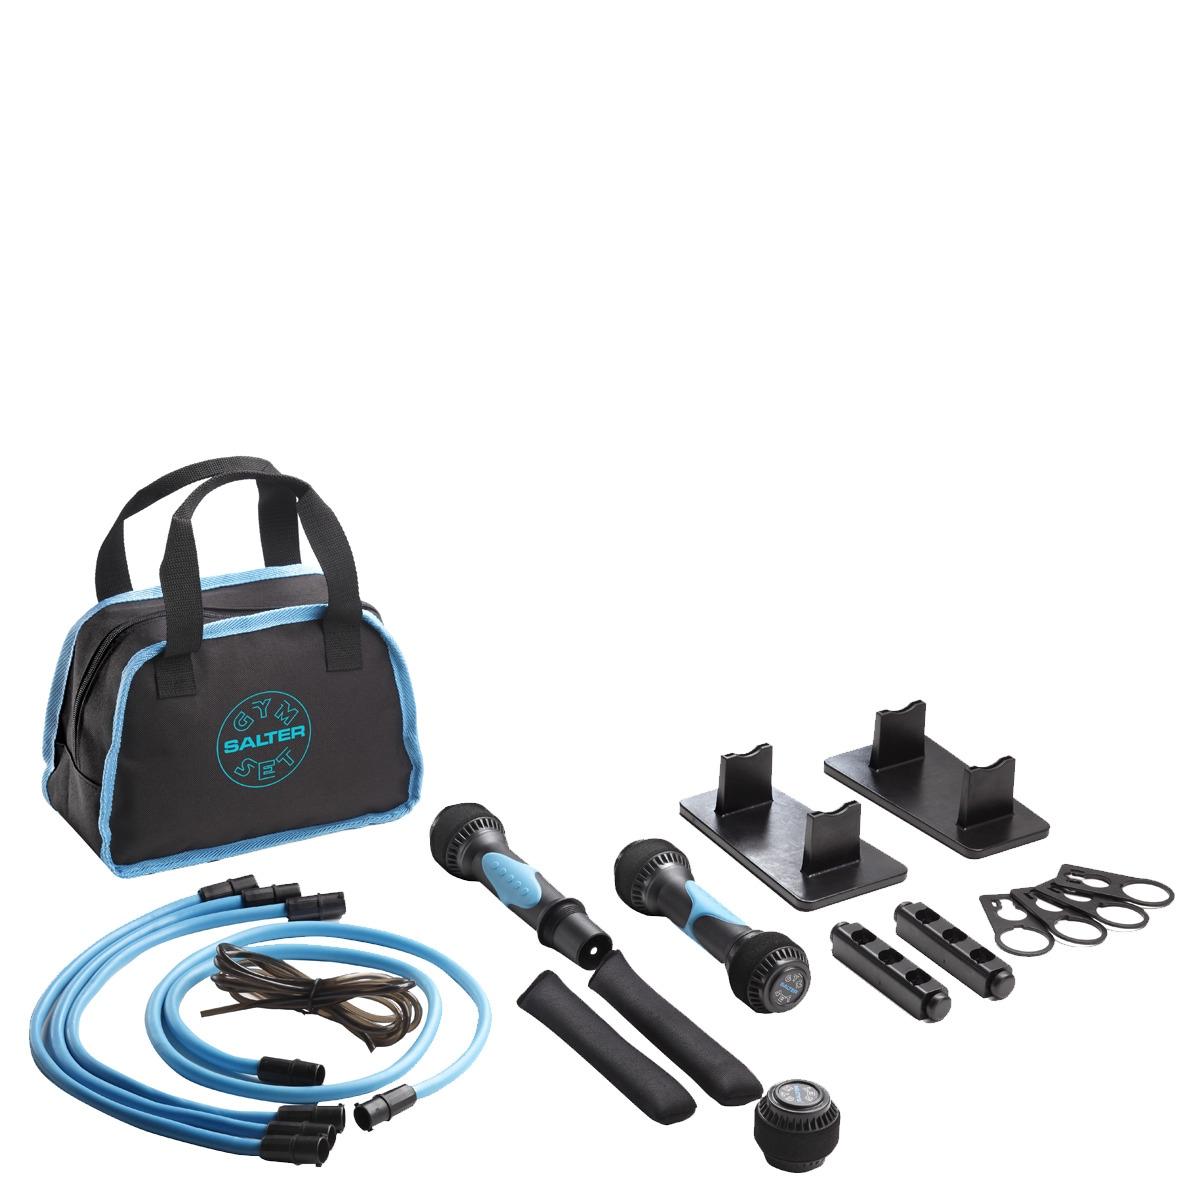 Set de accesorios Gym Set 5x1 Salter